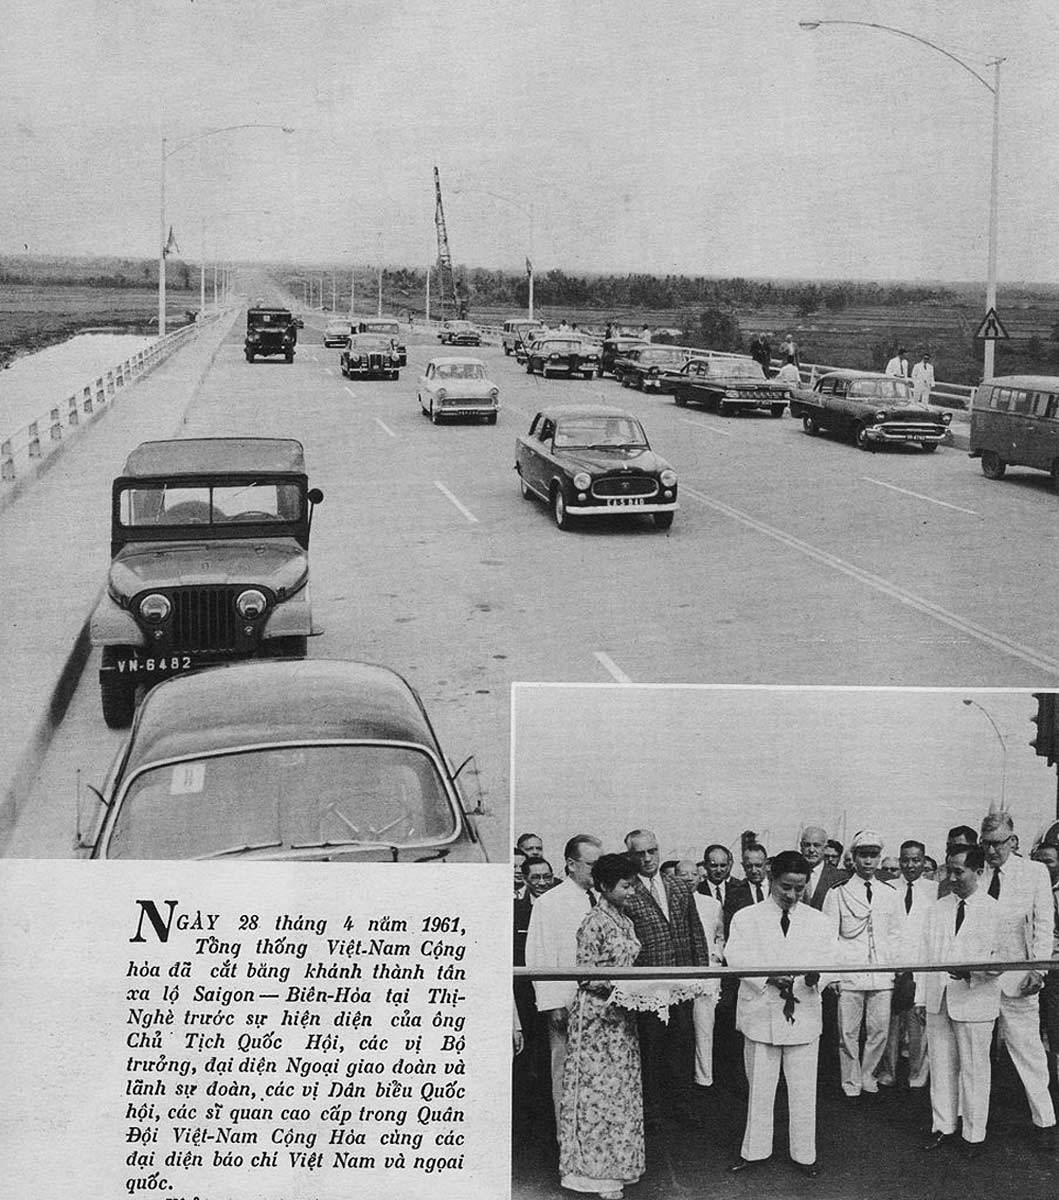 Lễ cắt băng khánh thành xa lộ Sài Gòn Biên Hòa